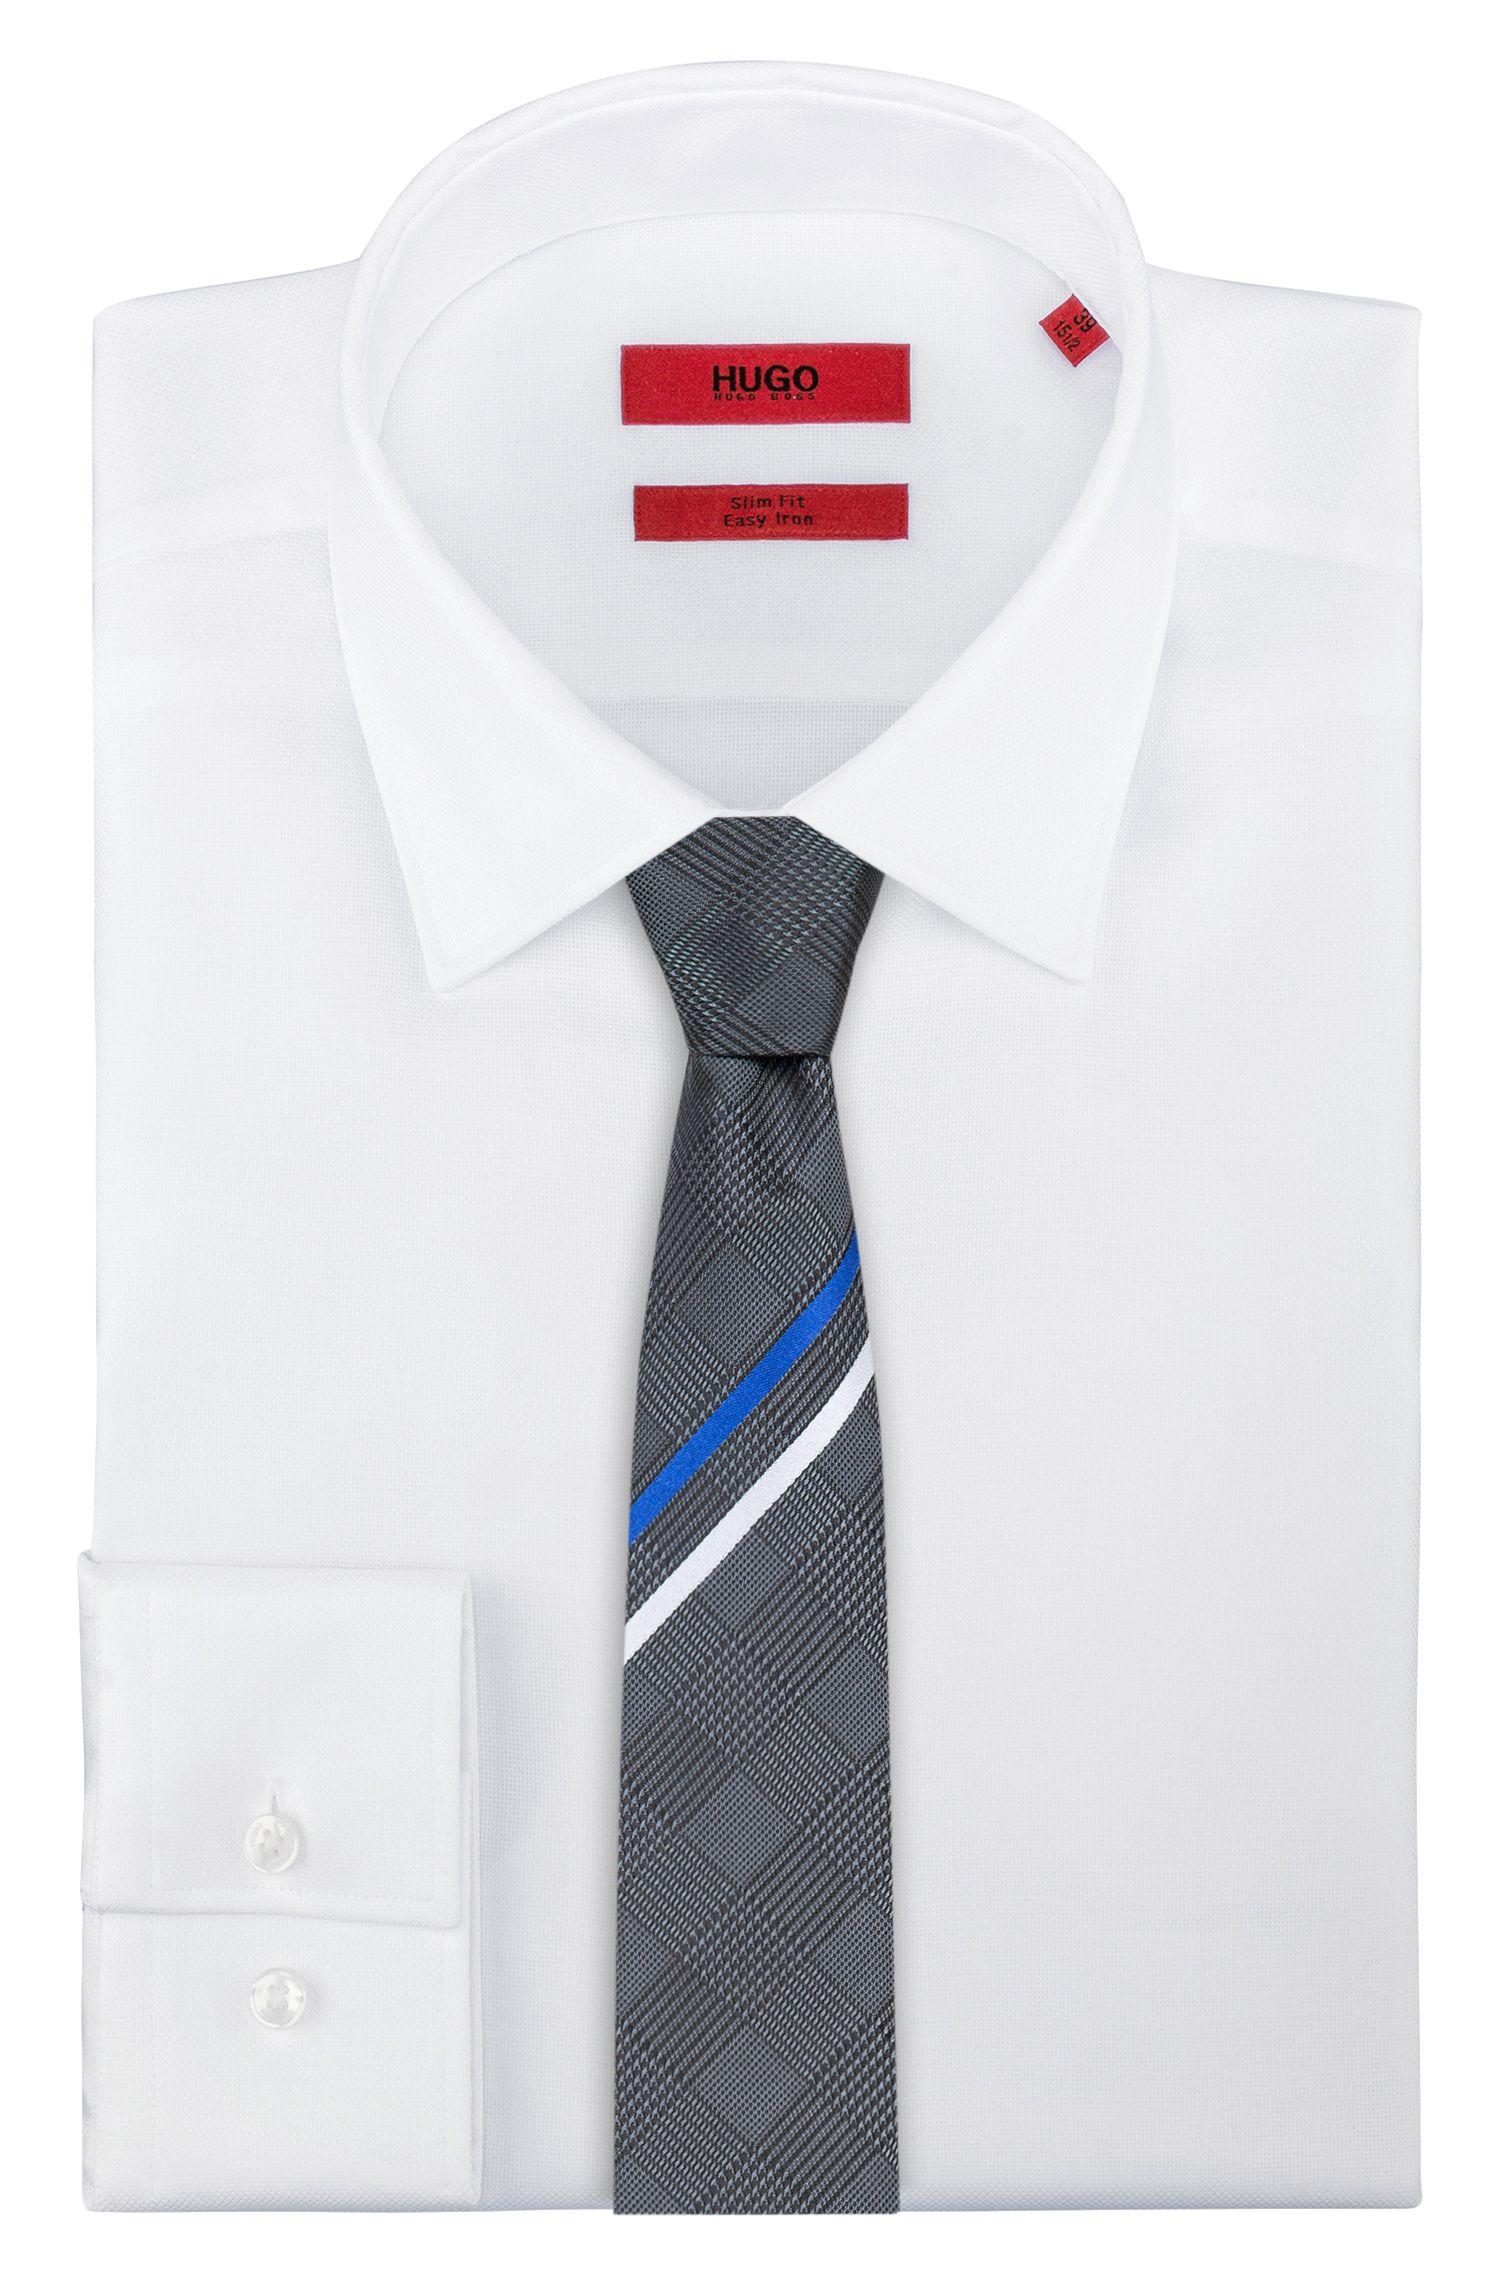 Diagonal-striped tie in silk jacquard, Black